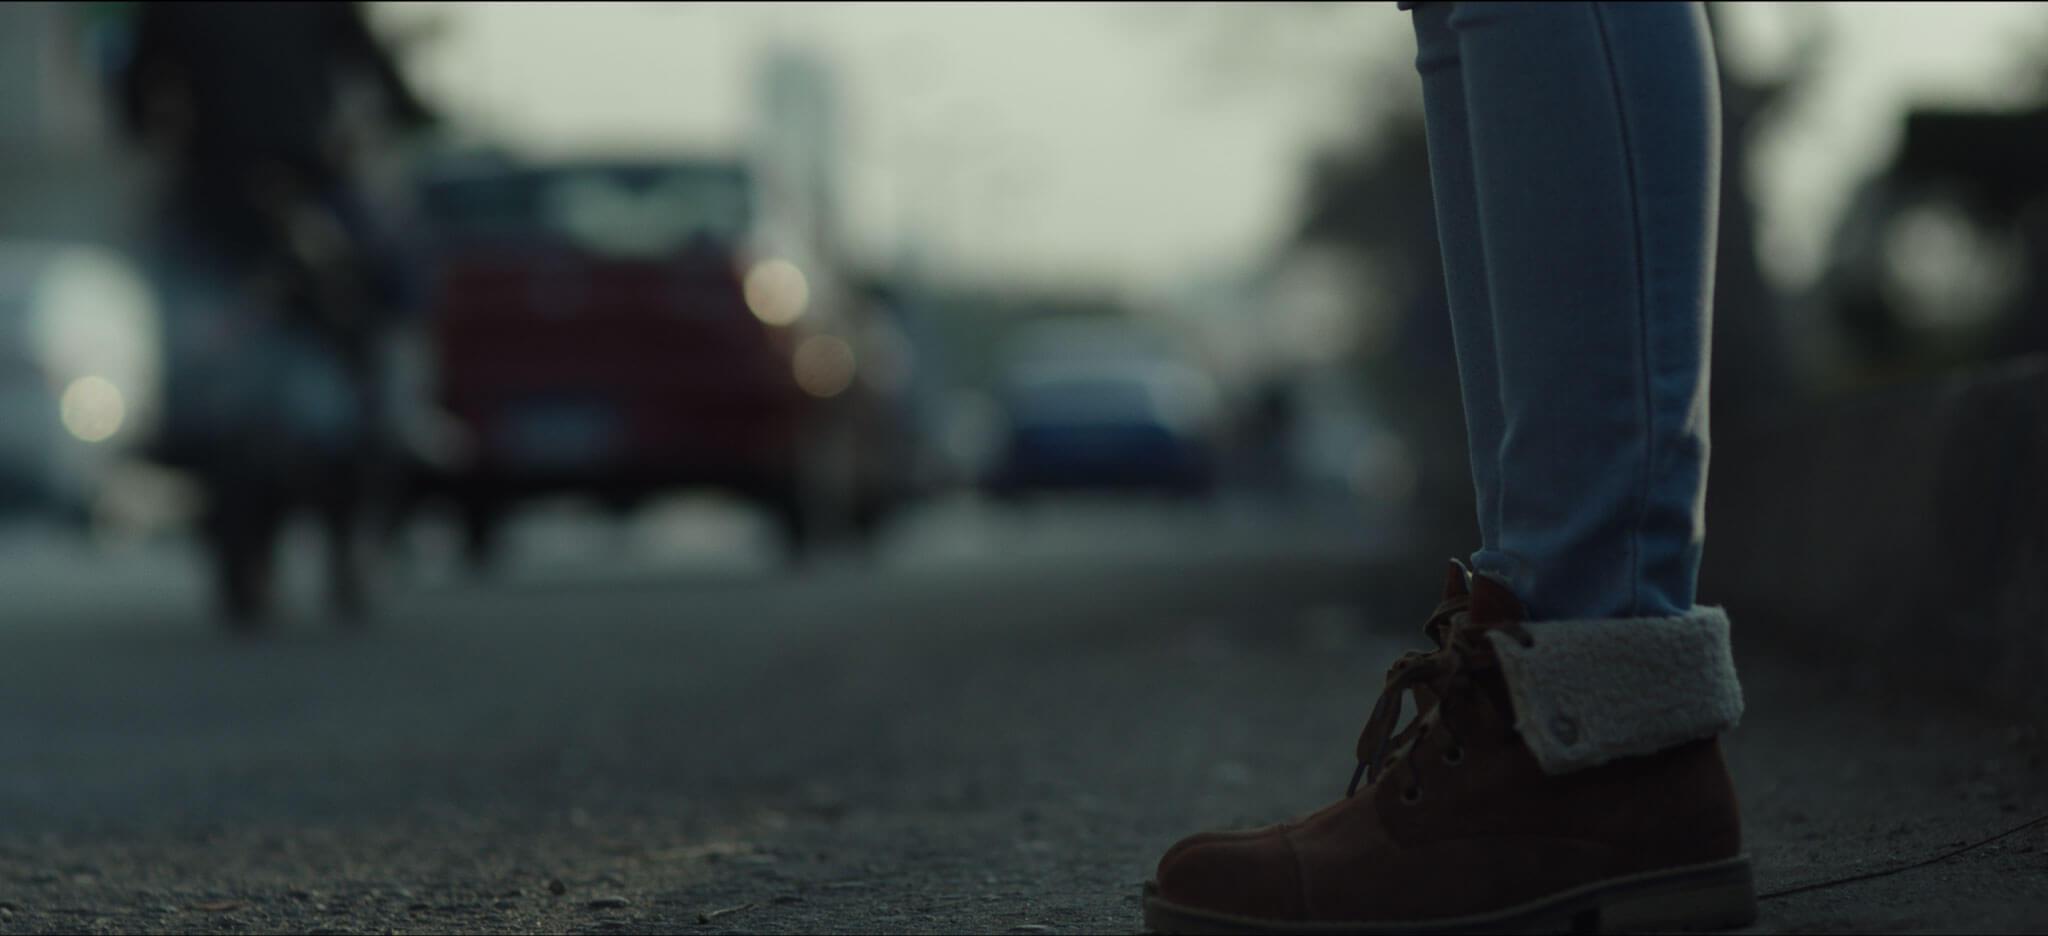 nada (short film) still